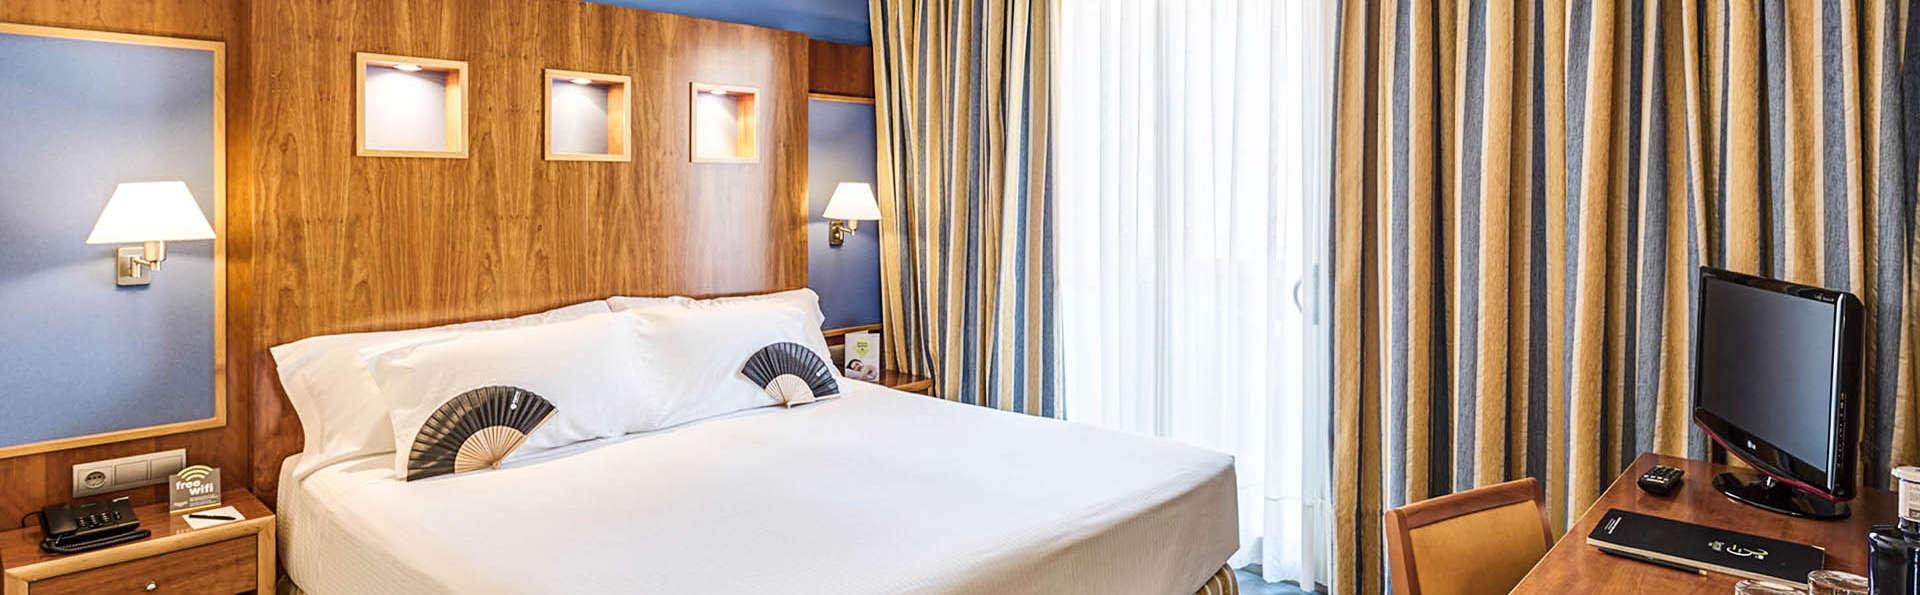 Kalma Sitges Hotel - EDIT_Hotel_Kalma_Editar_08.jpg